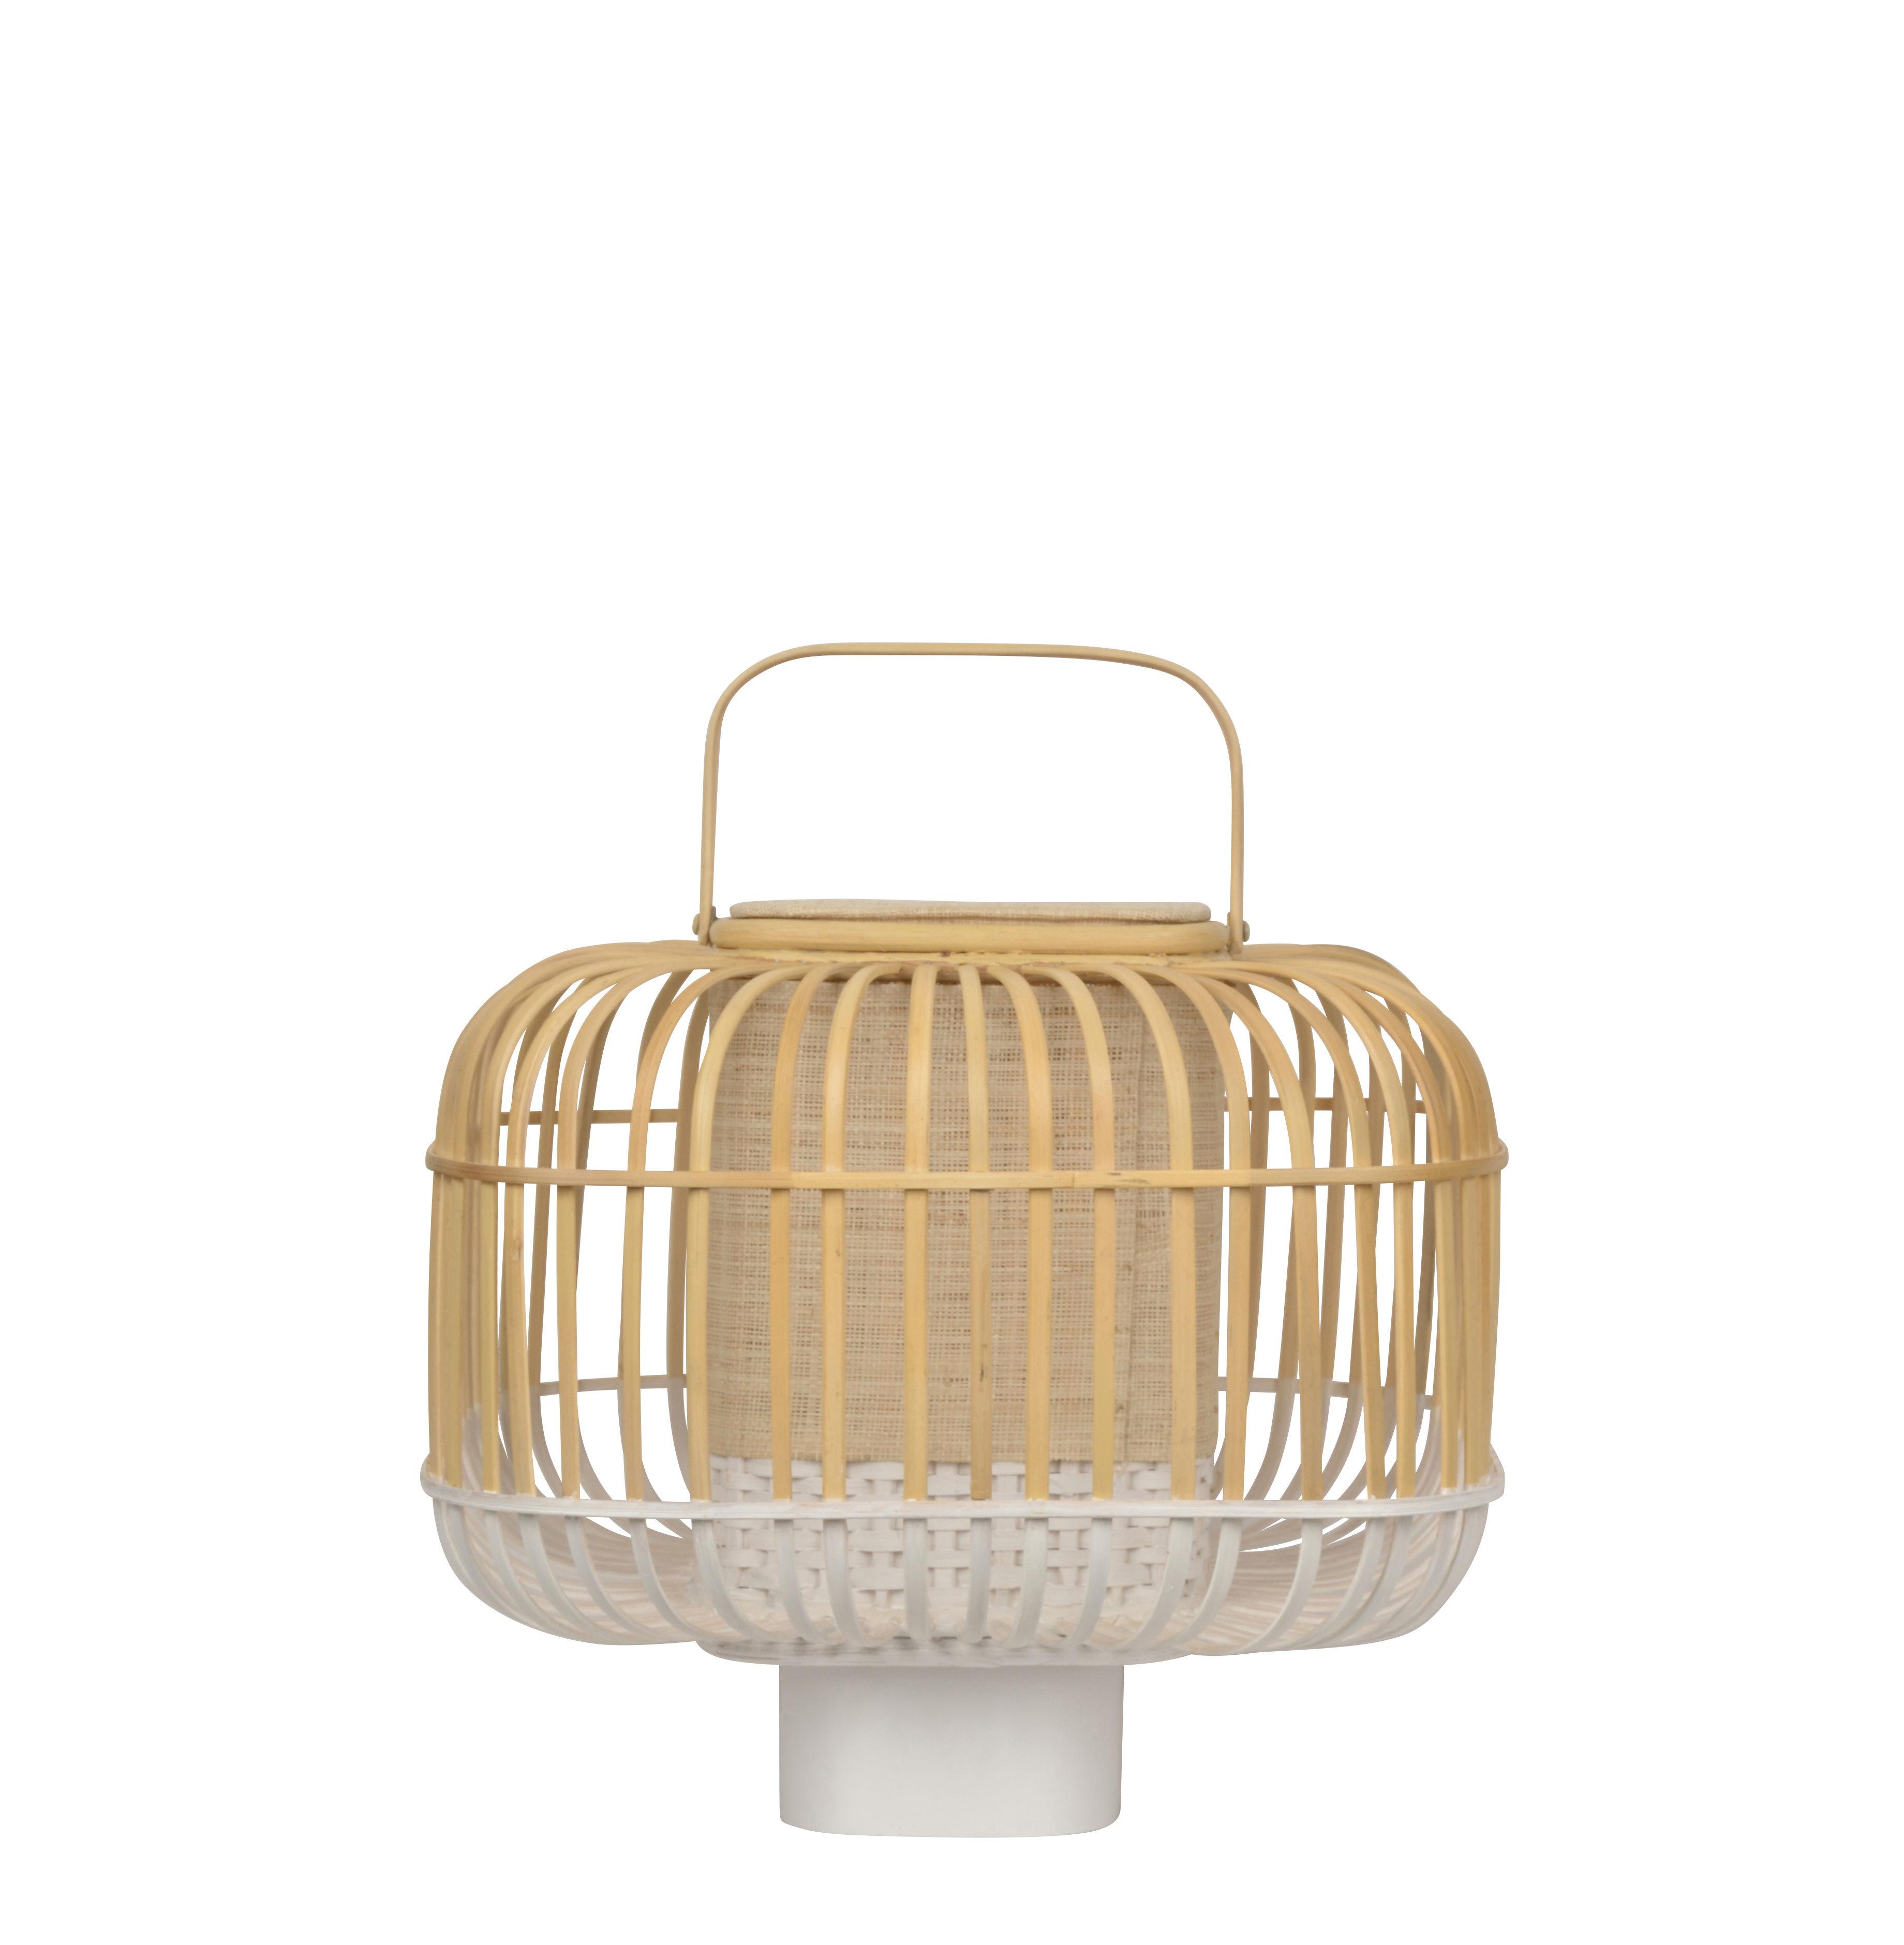 Luminaire - Lampes de table - Lampe de table Bamboo Square / Small - H 41 cm - Forestier - Blanc - Bambou, Bois peint